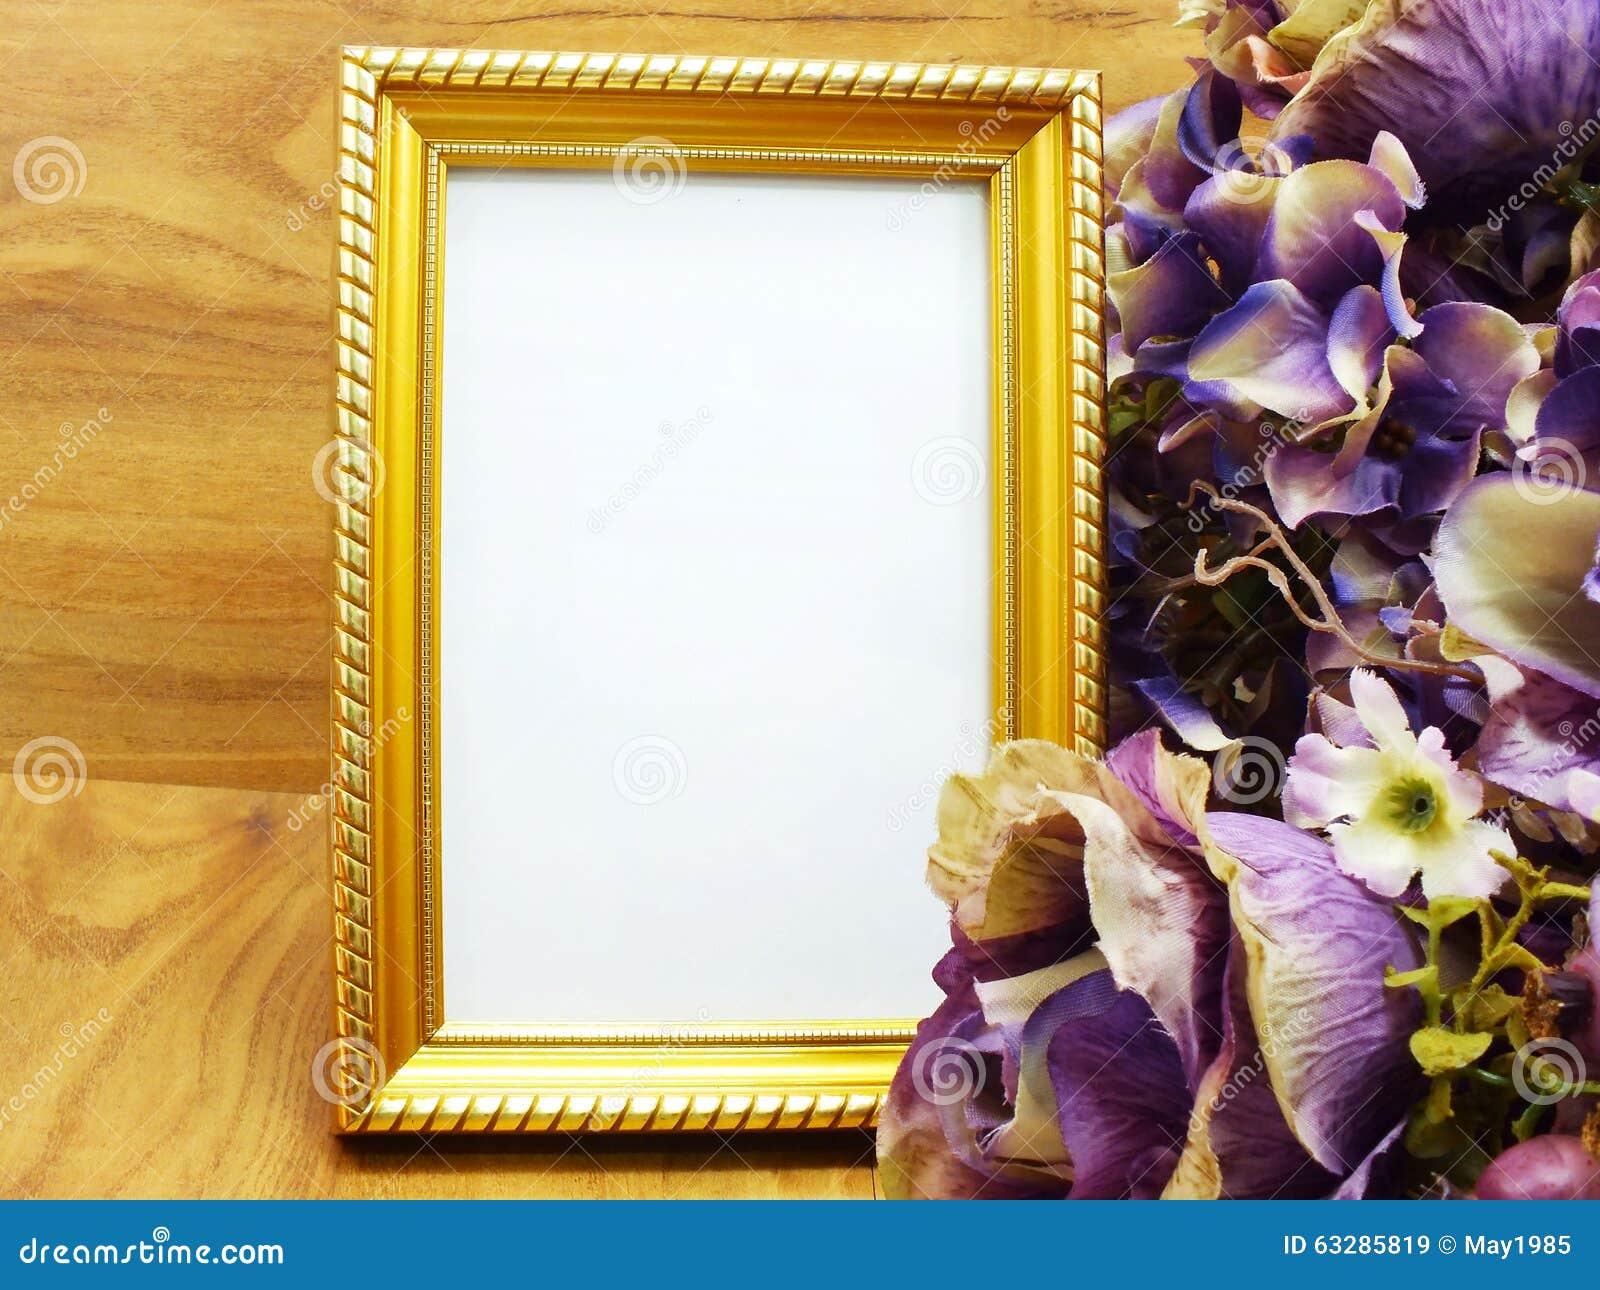 cadre vide de photo avec la fleur artificielle photo stock - image